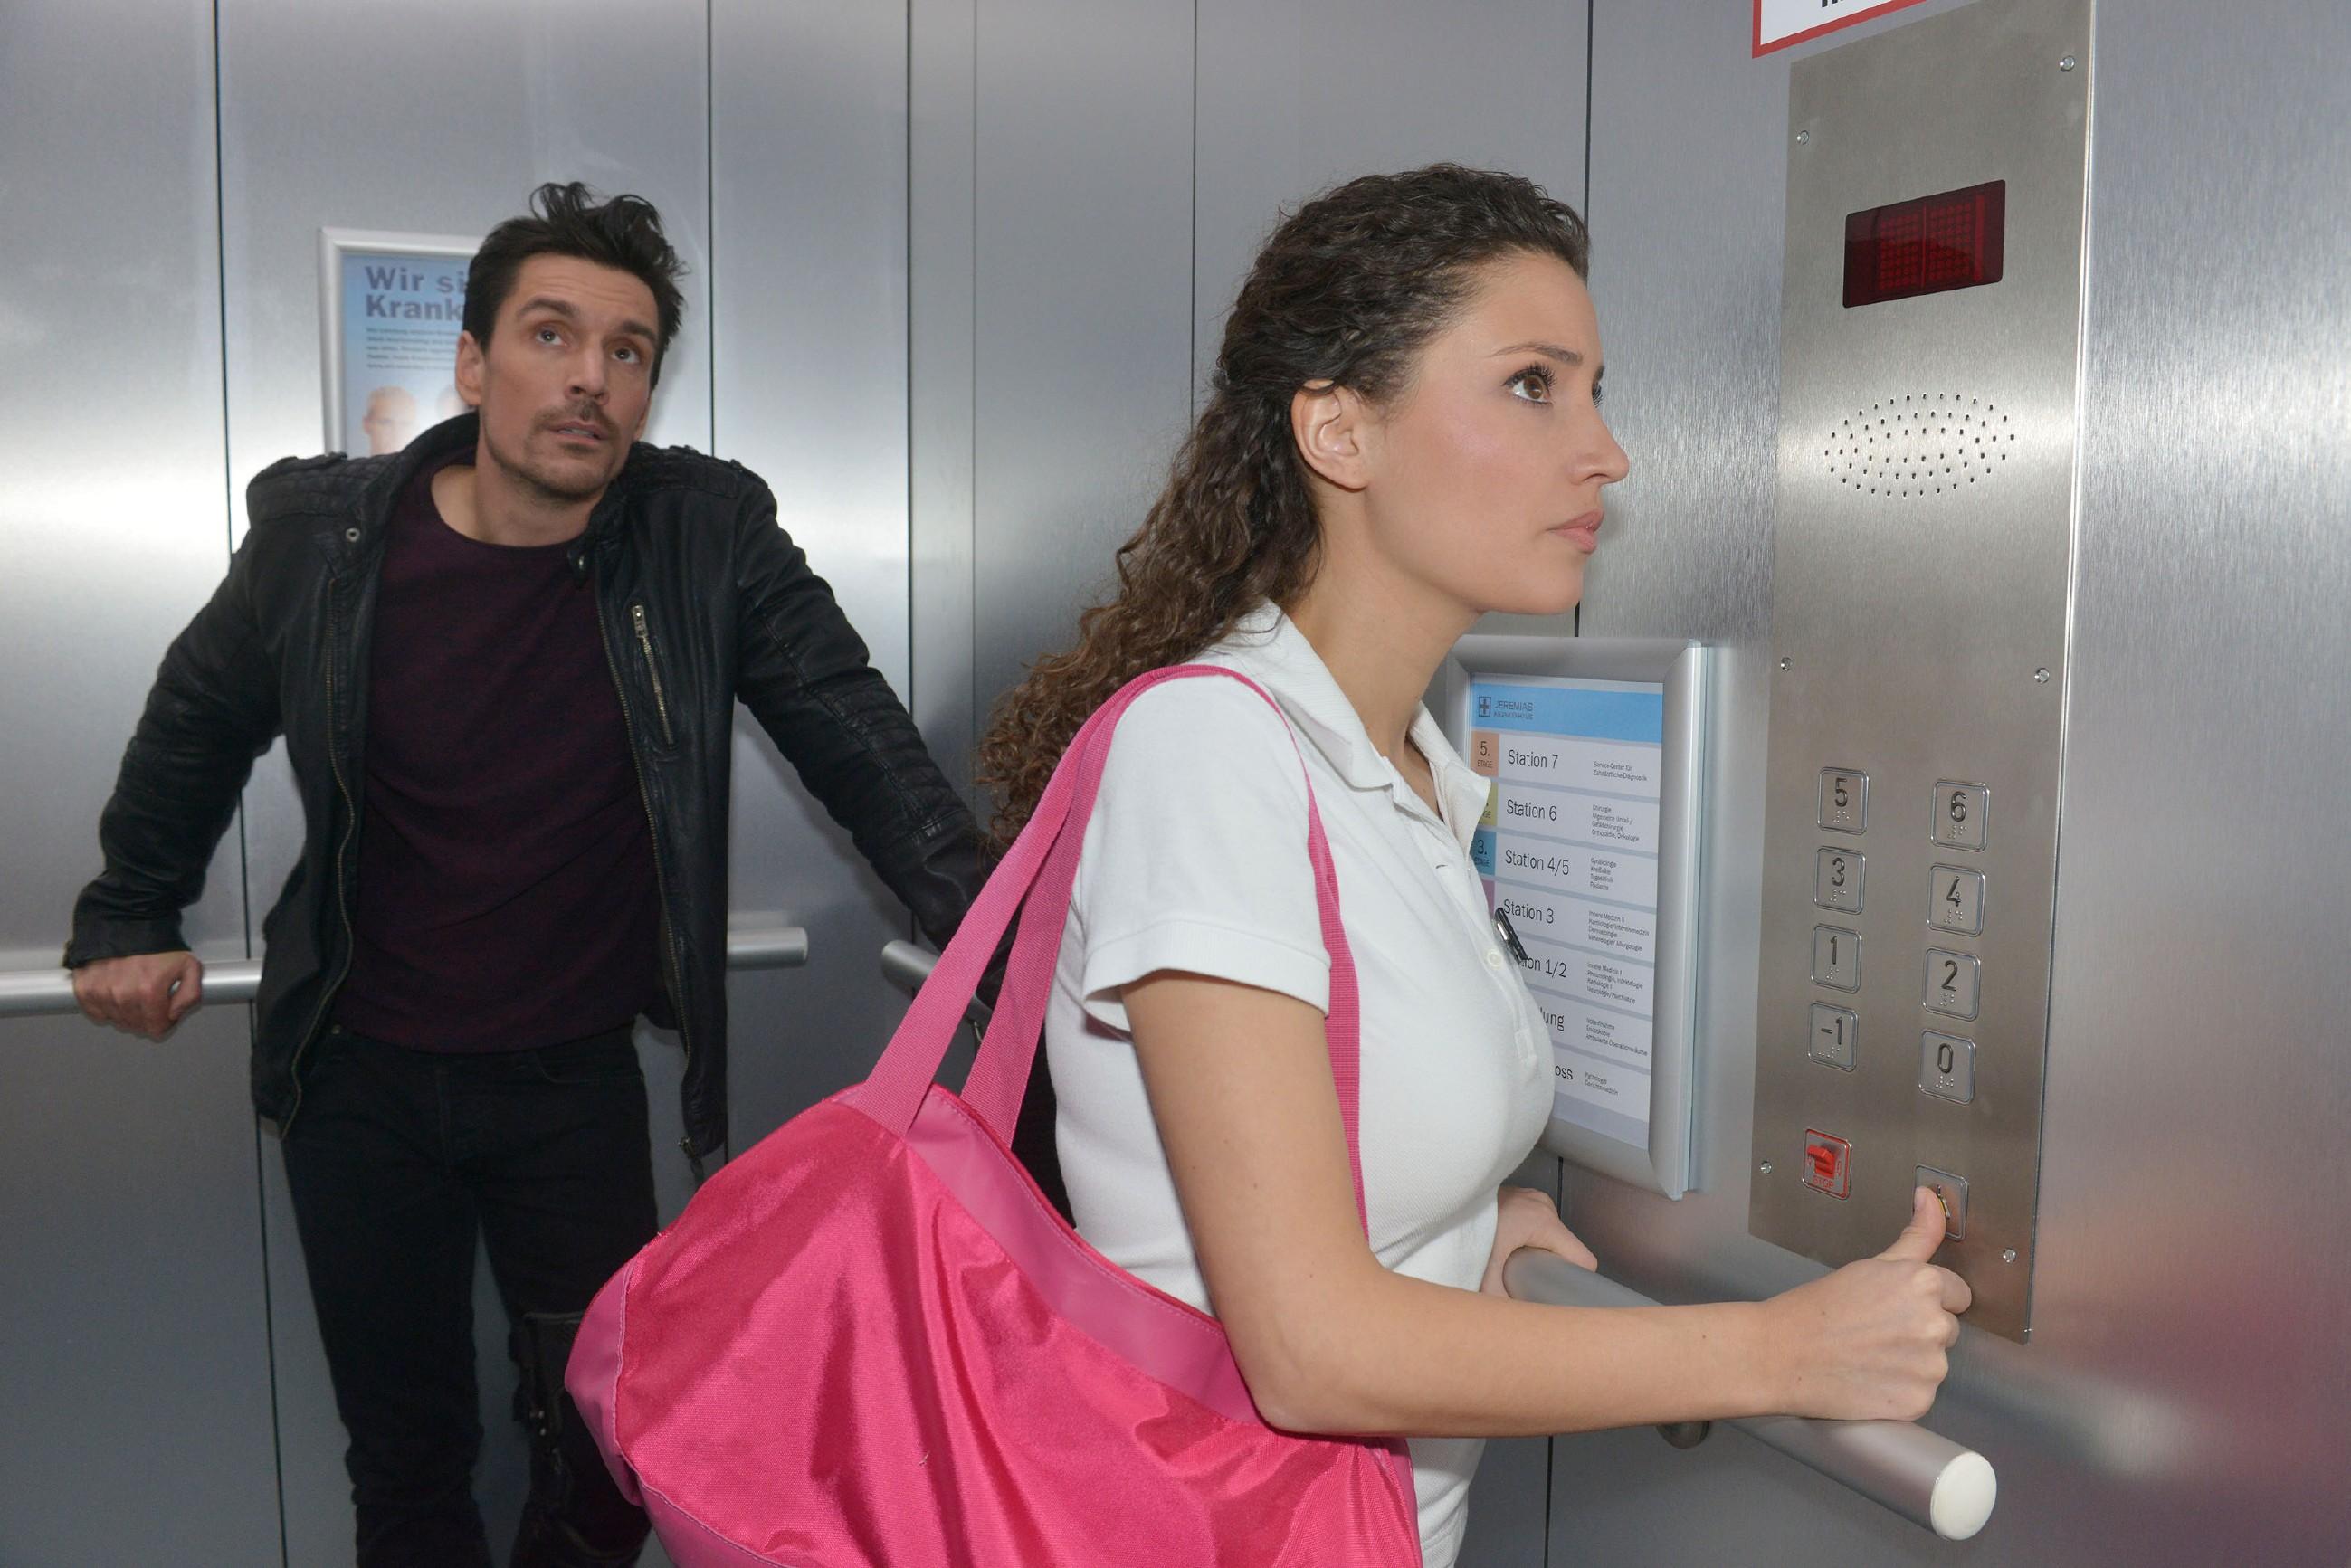 Ausgerechnet Ayla (Nadine Menz) und David (Philipp Christopher), die sich ohnehin nicht besonders gut leiden können, bleiben zusammen im Fahrstuhl stecken... (Quelle: RTL / Rolf Baumgartner)